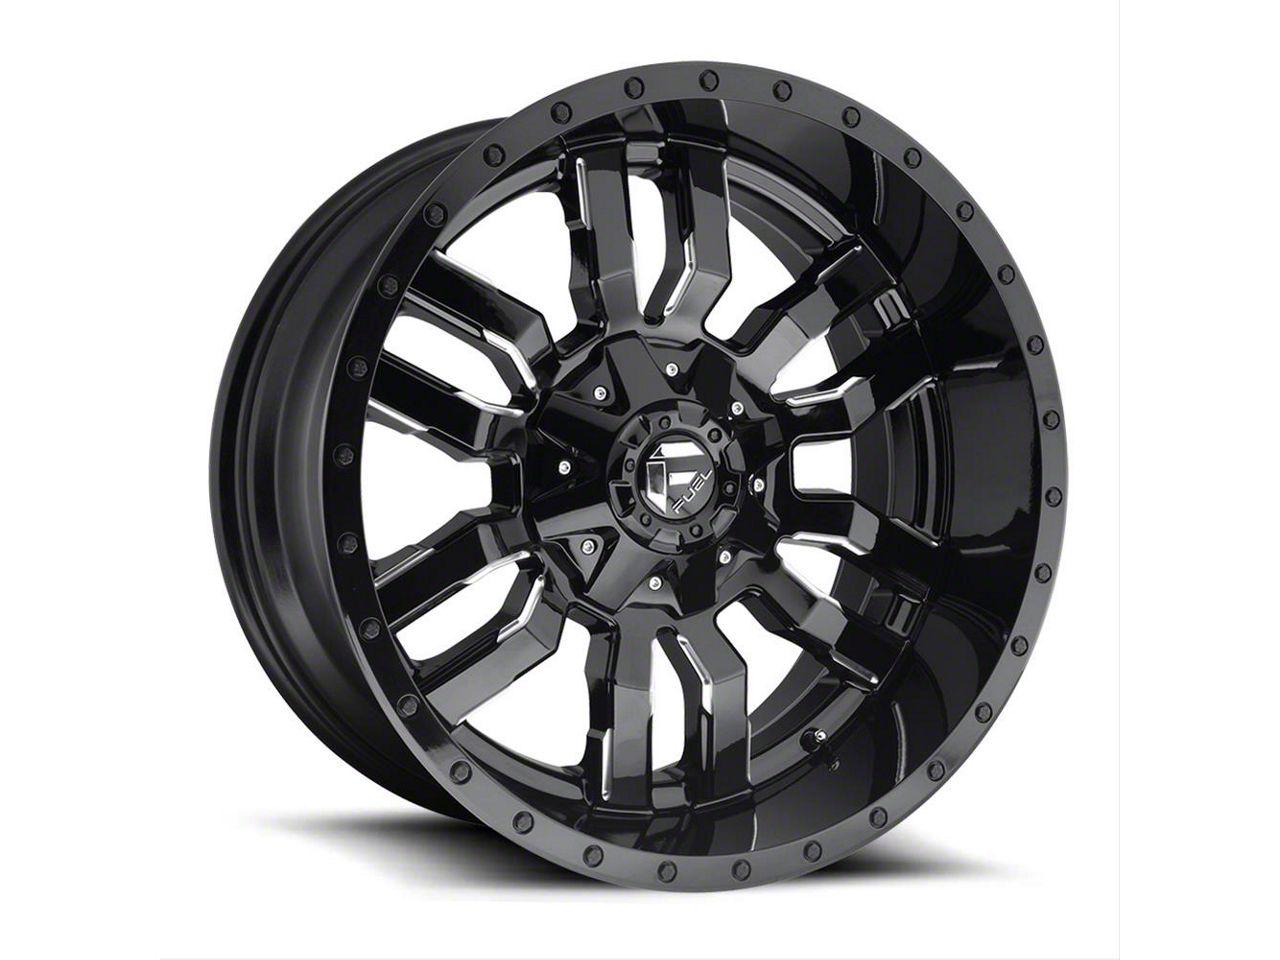 Fuel Wheels Sledge Gloss Black Milled 6-Lug Wheel - 20x12 (99-18 Silverado 1500)